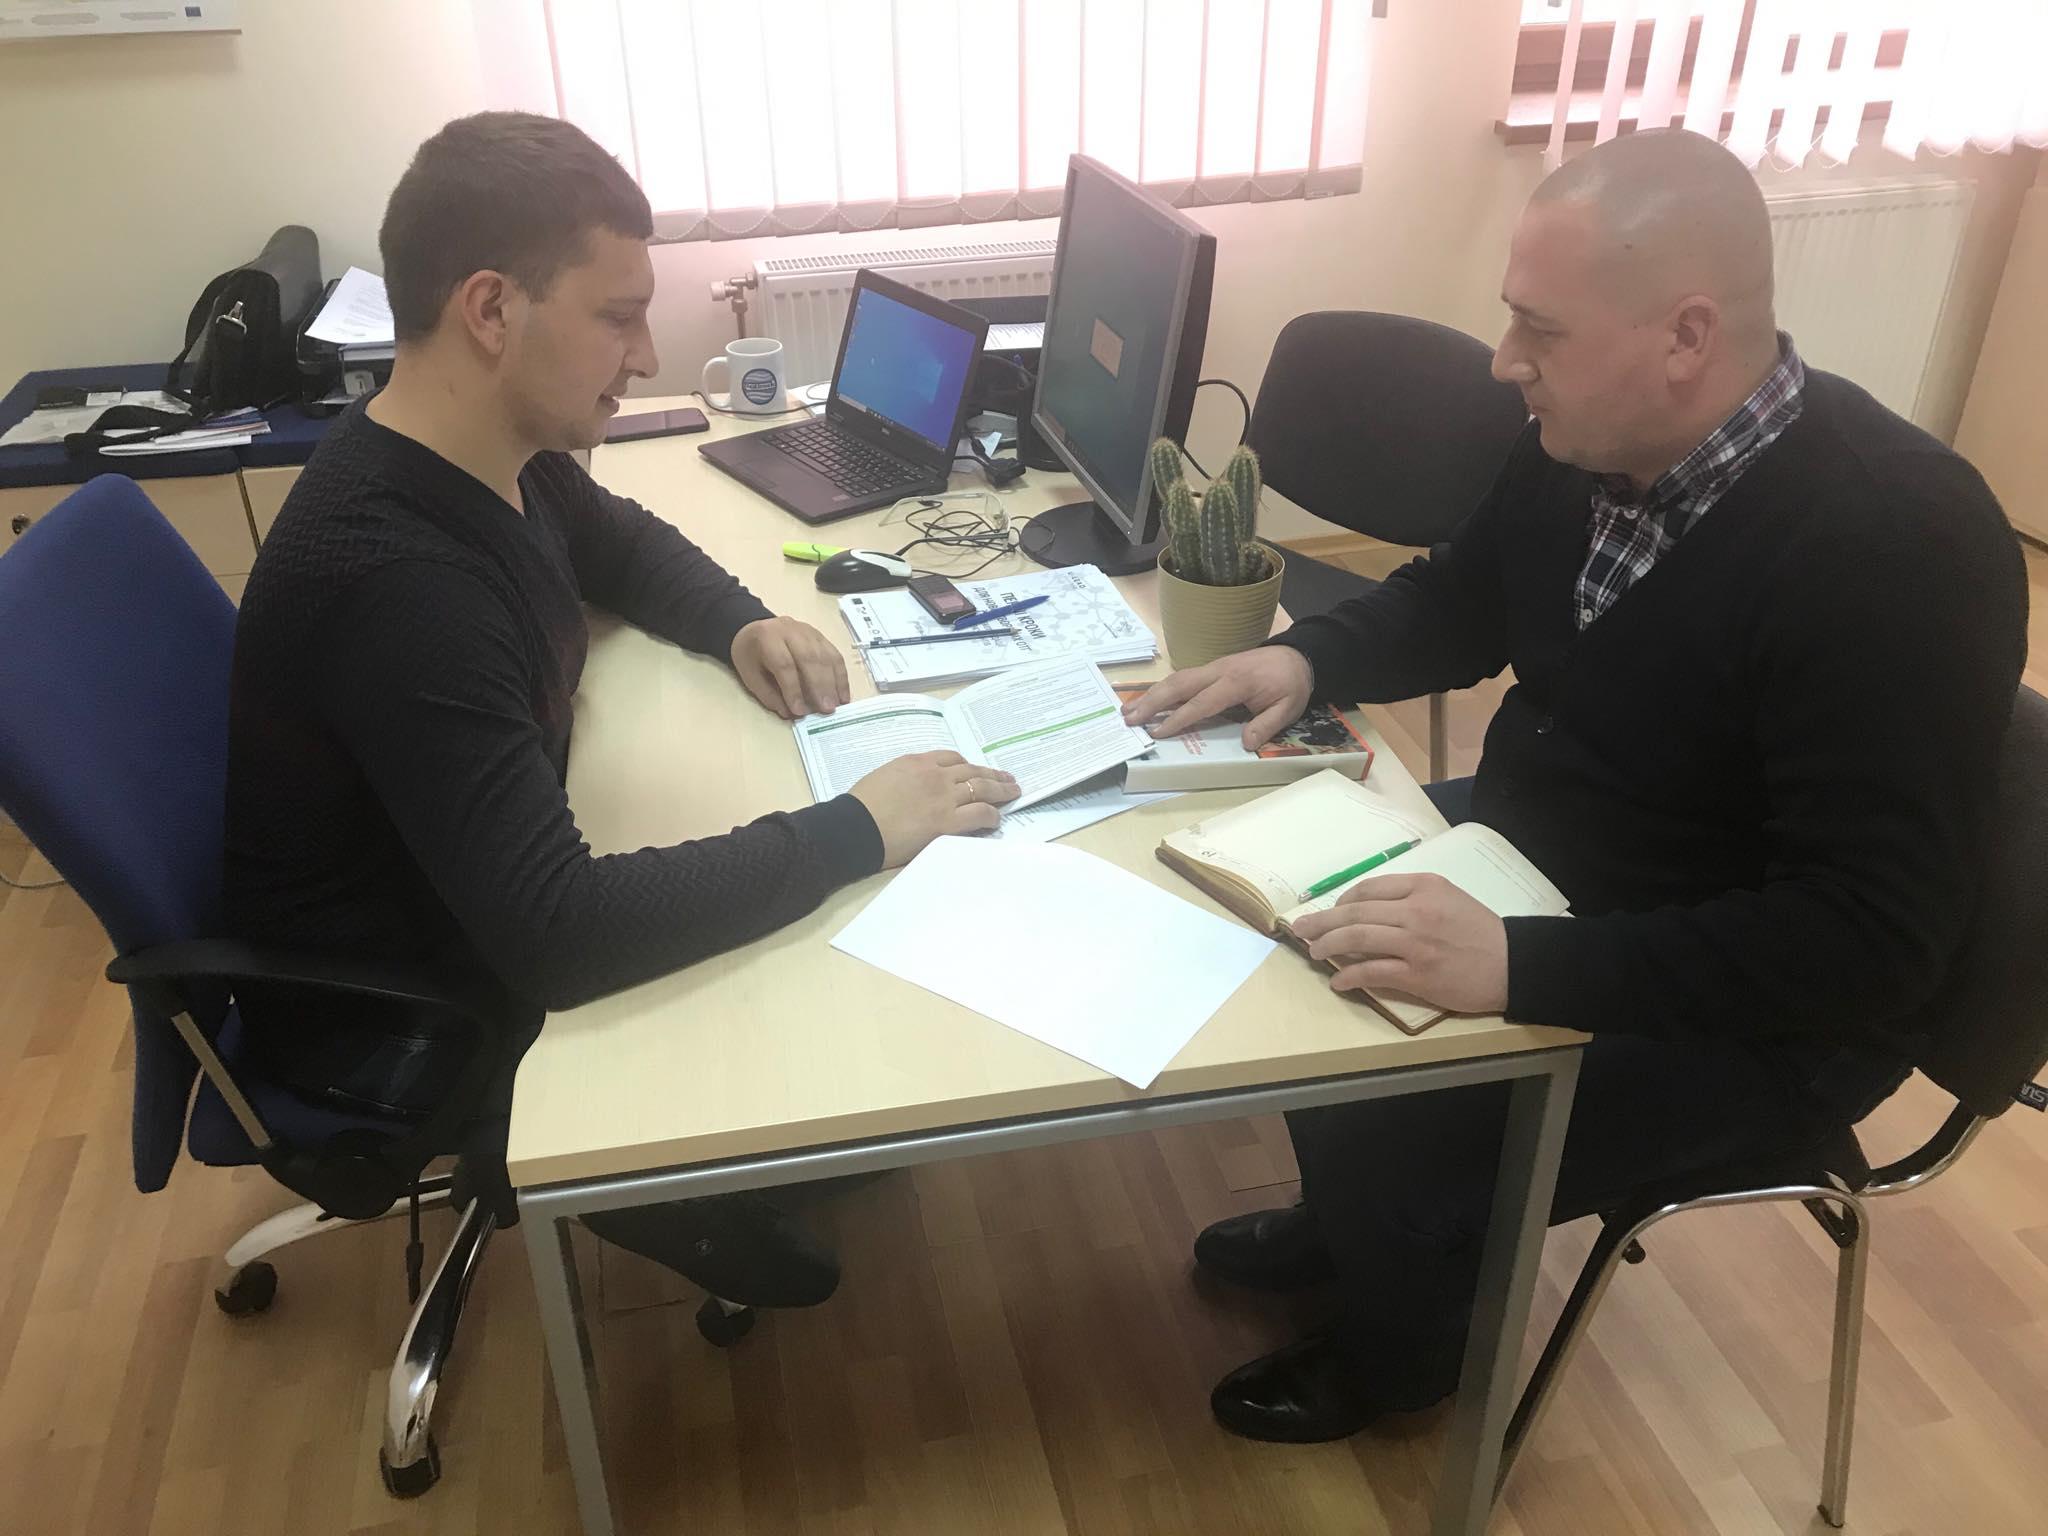 У місті Виноградів вперше в історії відбудеться конкурс проєктів «Громадський бюджет».